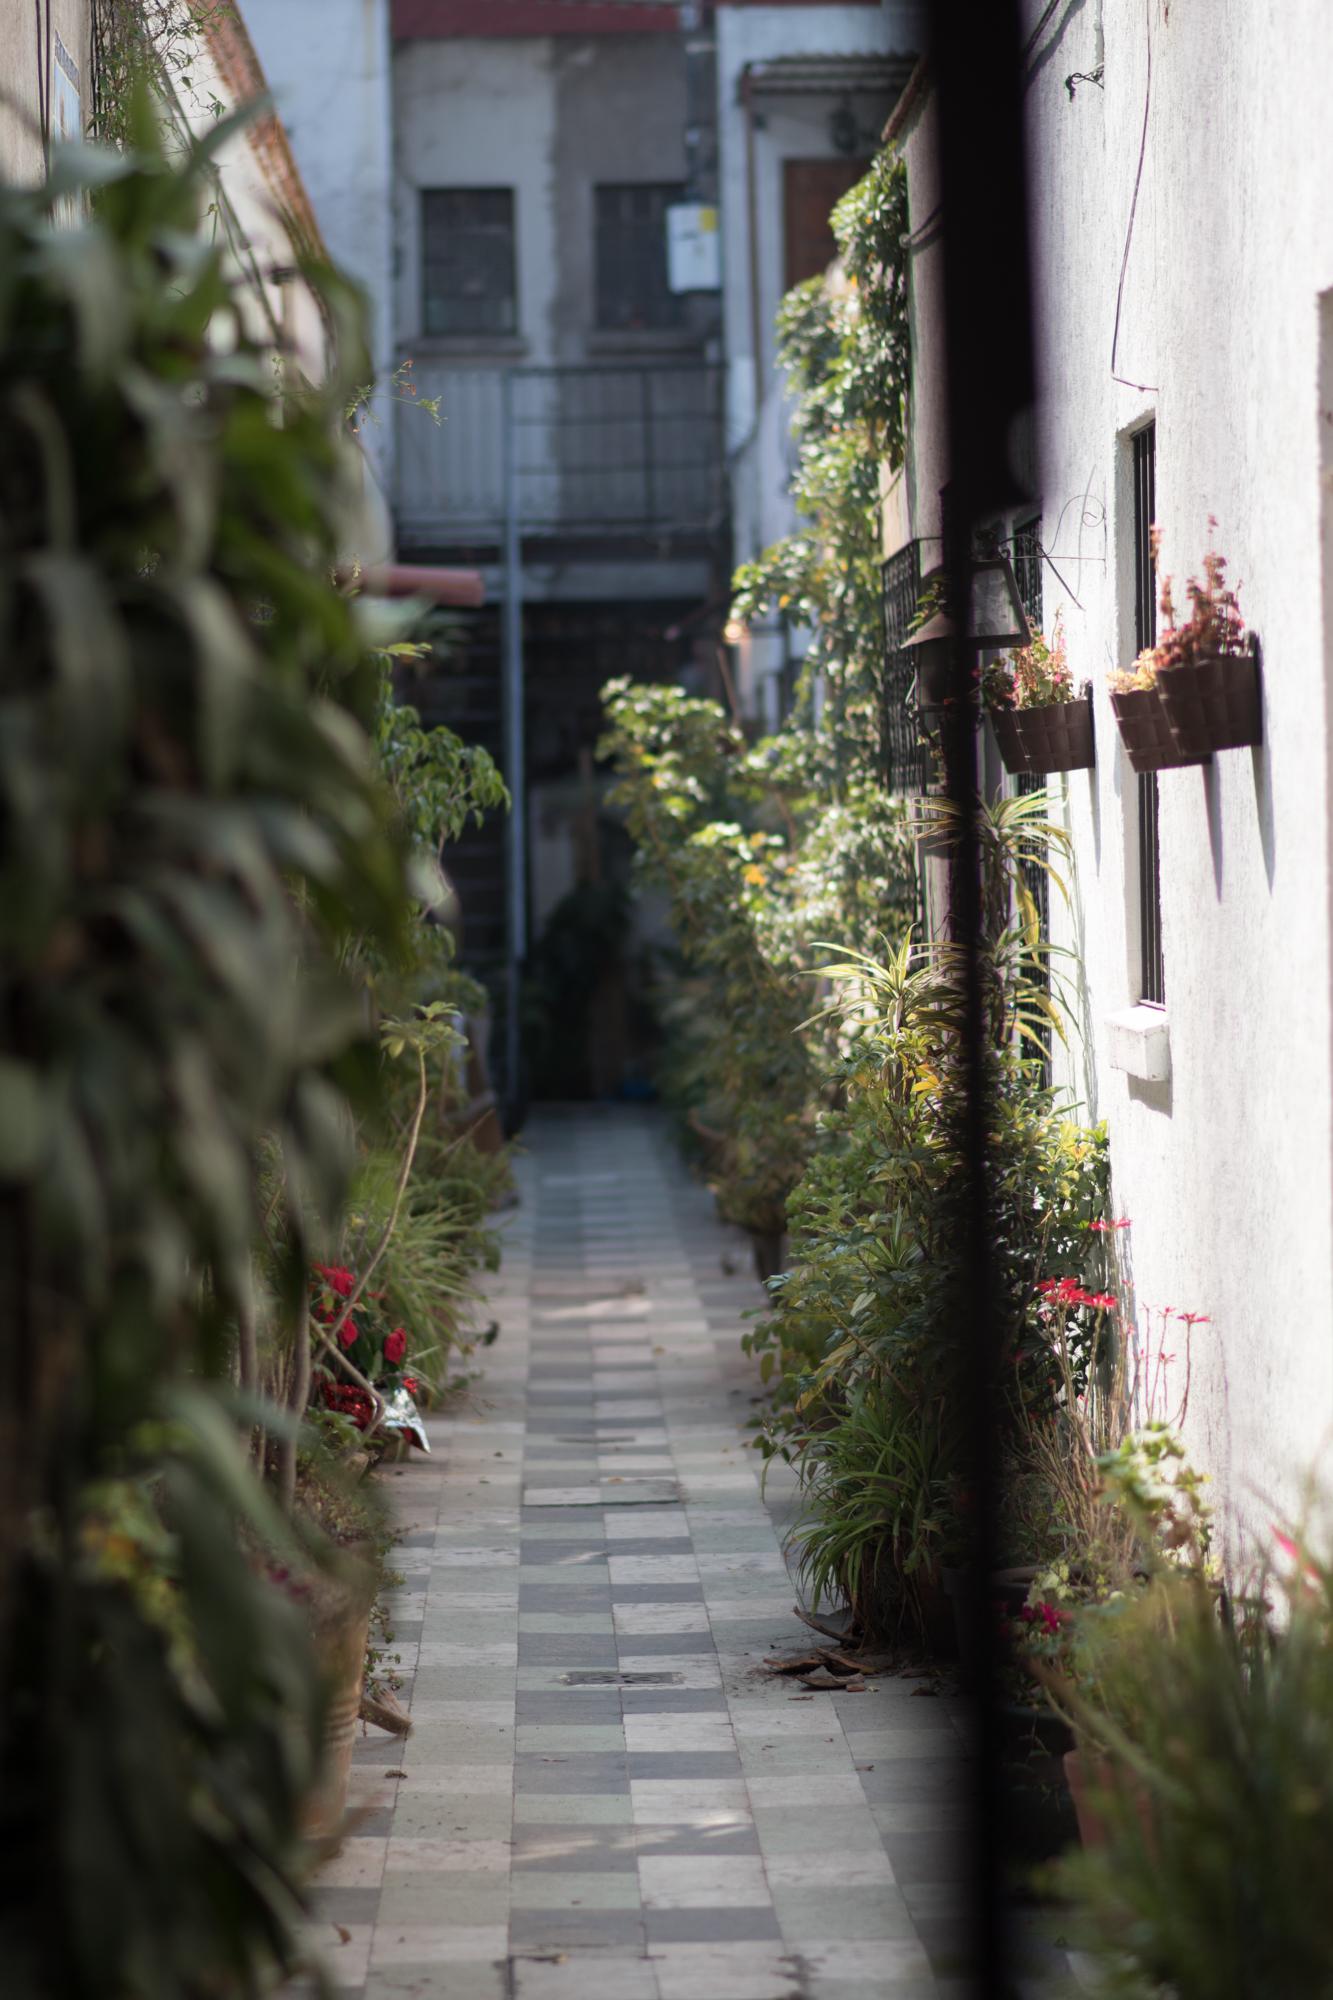 Kyle Studstill_photojournal_travel_Mexico City-57.jpg